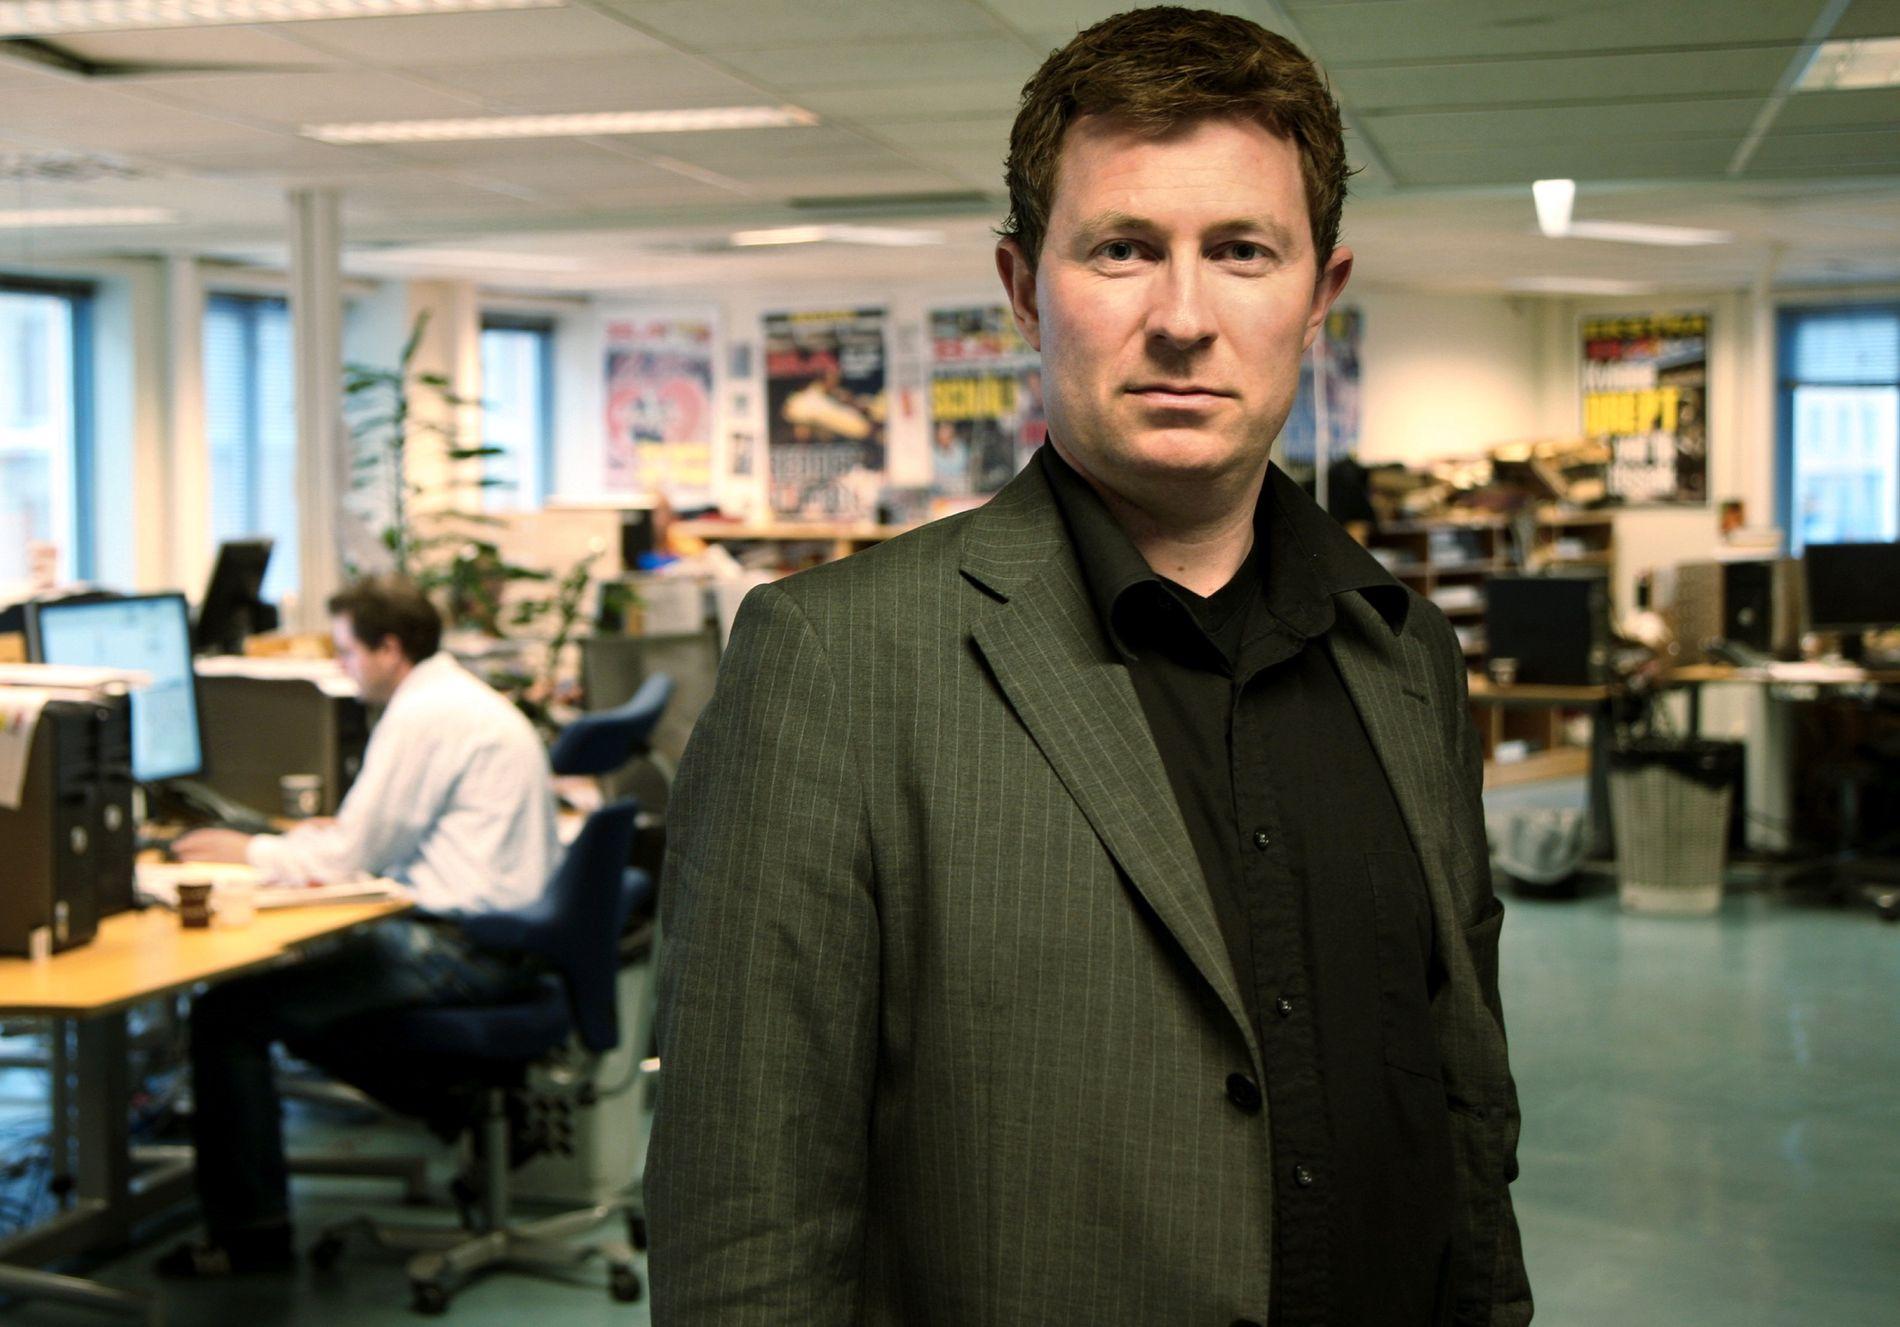 NY REISELIVSDIREKTØR: Tidligere BA-redaktør Anders Nyland.